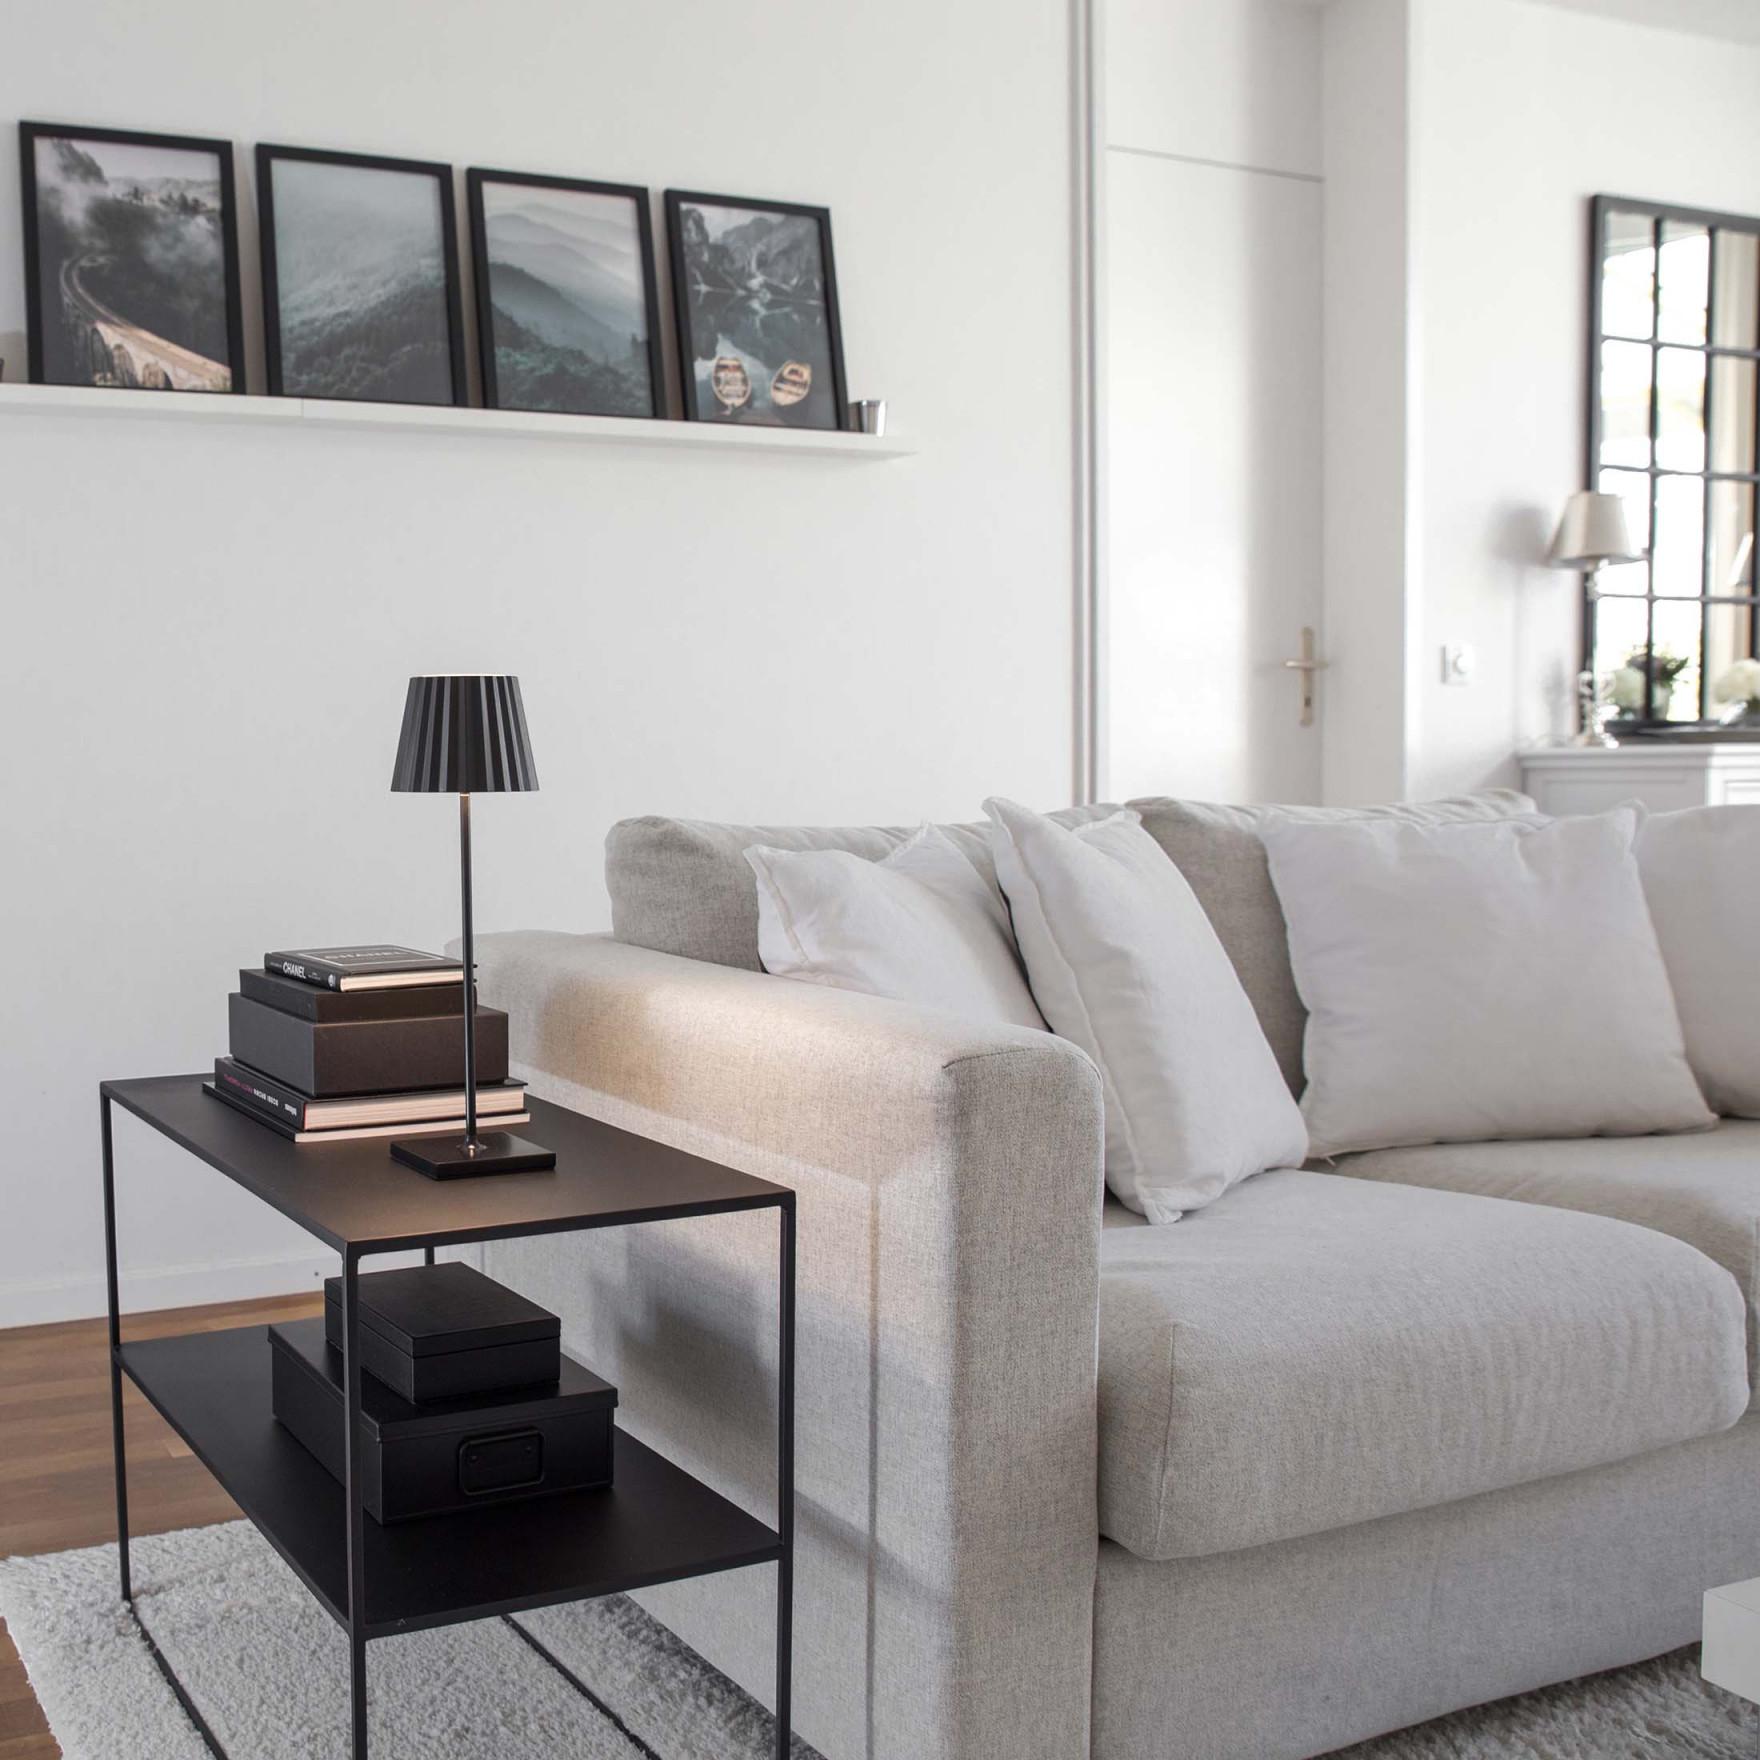 Monochrome Wohnen  Ideen  Tipps Zum Wohnen In Schwarz  Weiß von Wohnzimmer Ideen Grau Weiß Schwarz Photo